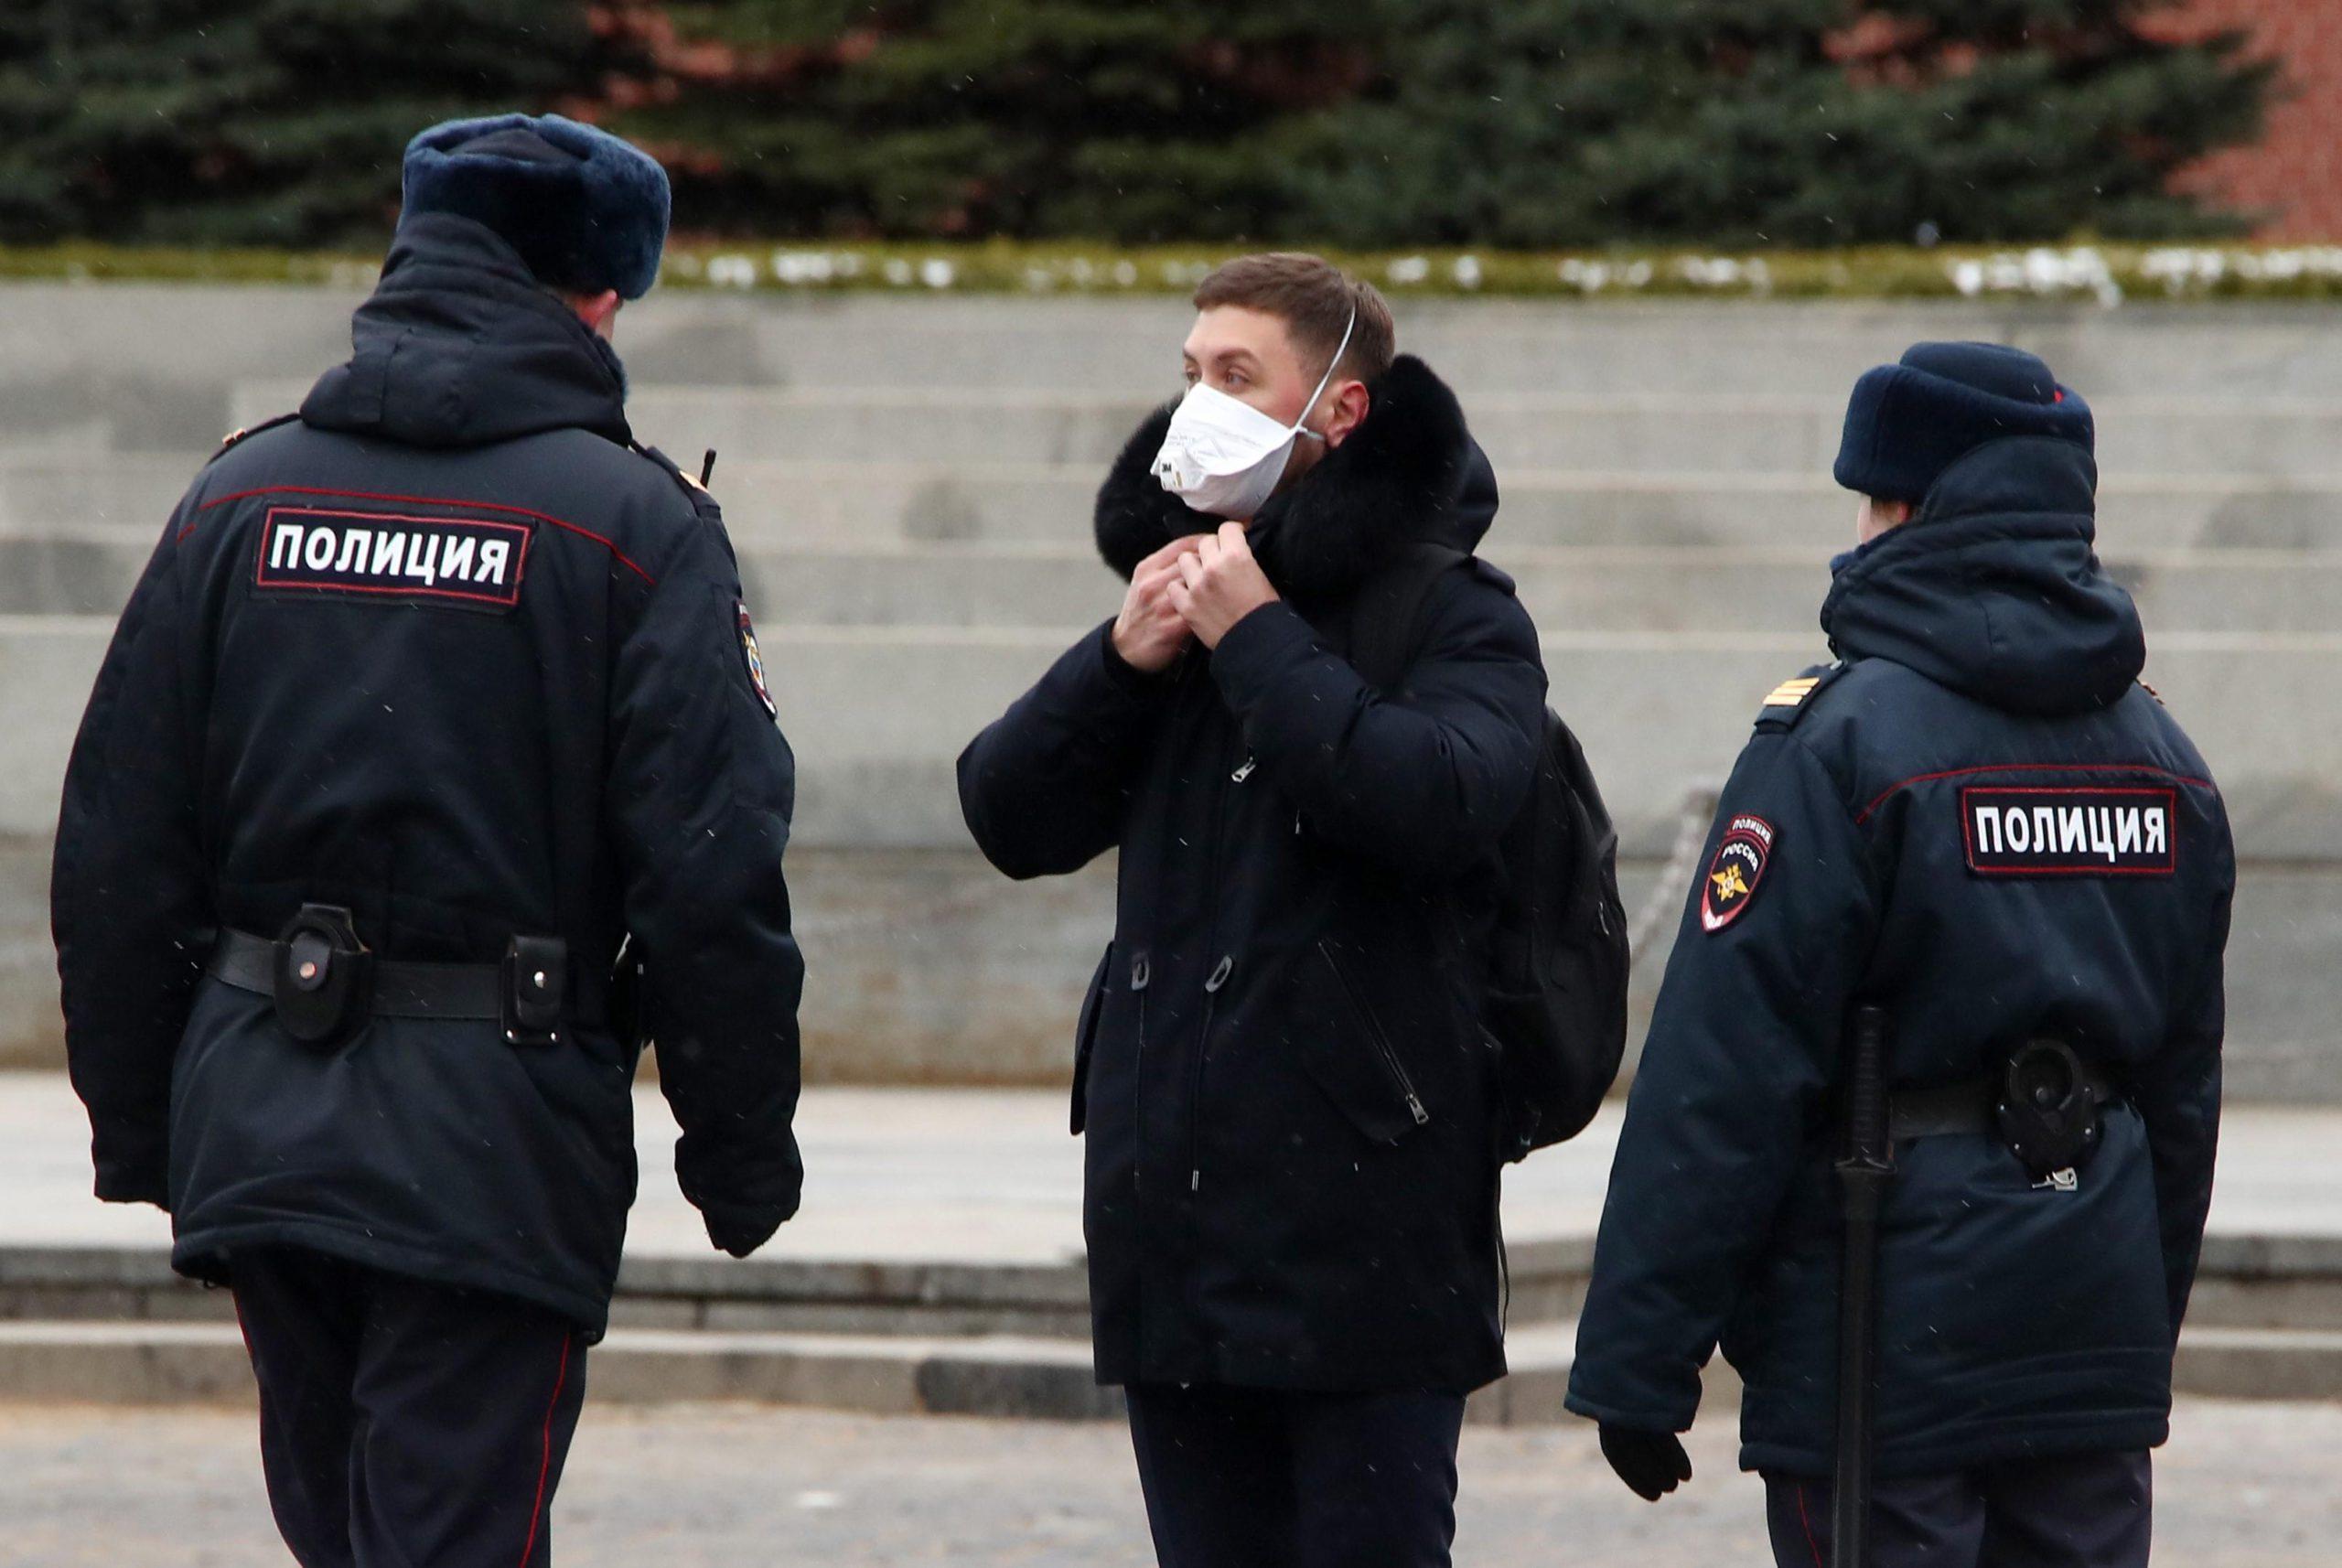 Полицейские контролируют, как козельчане соблюдают режим самоизоляции